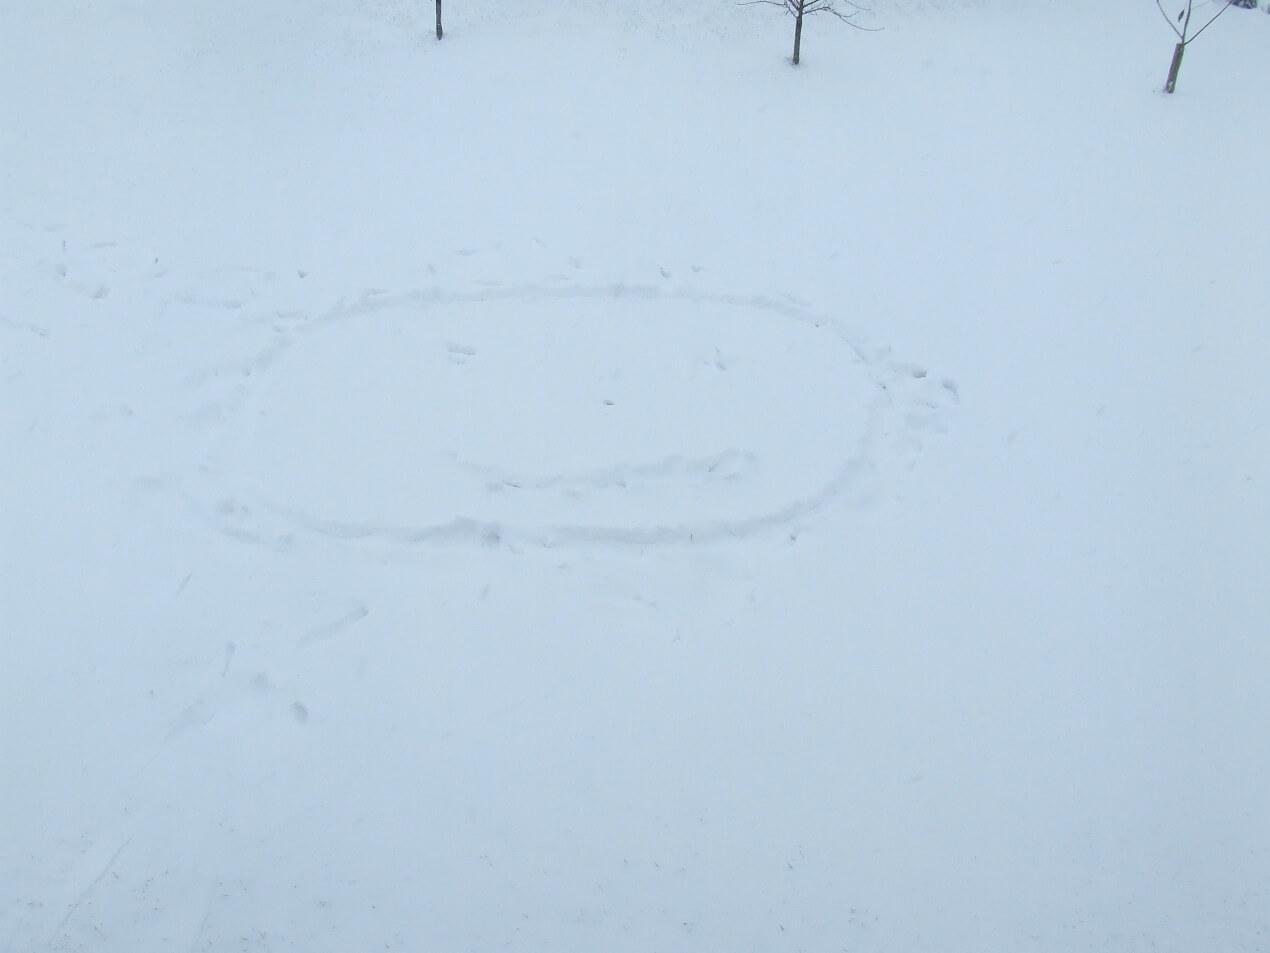 téli játékötlet gyerekeknek rajzolás hóban